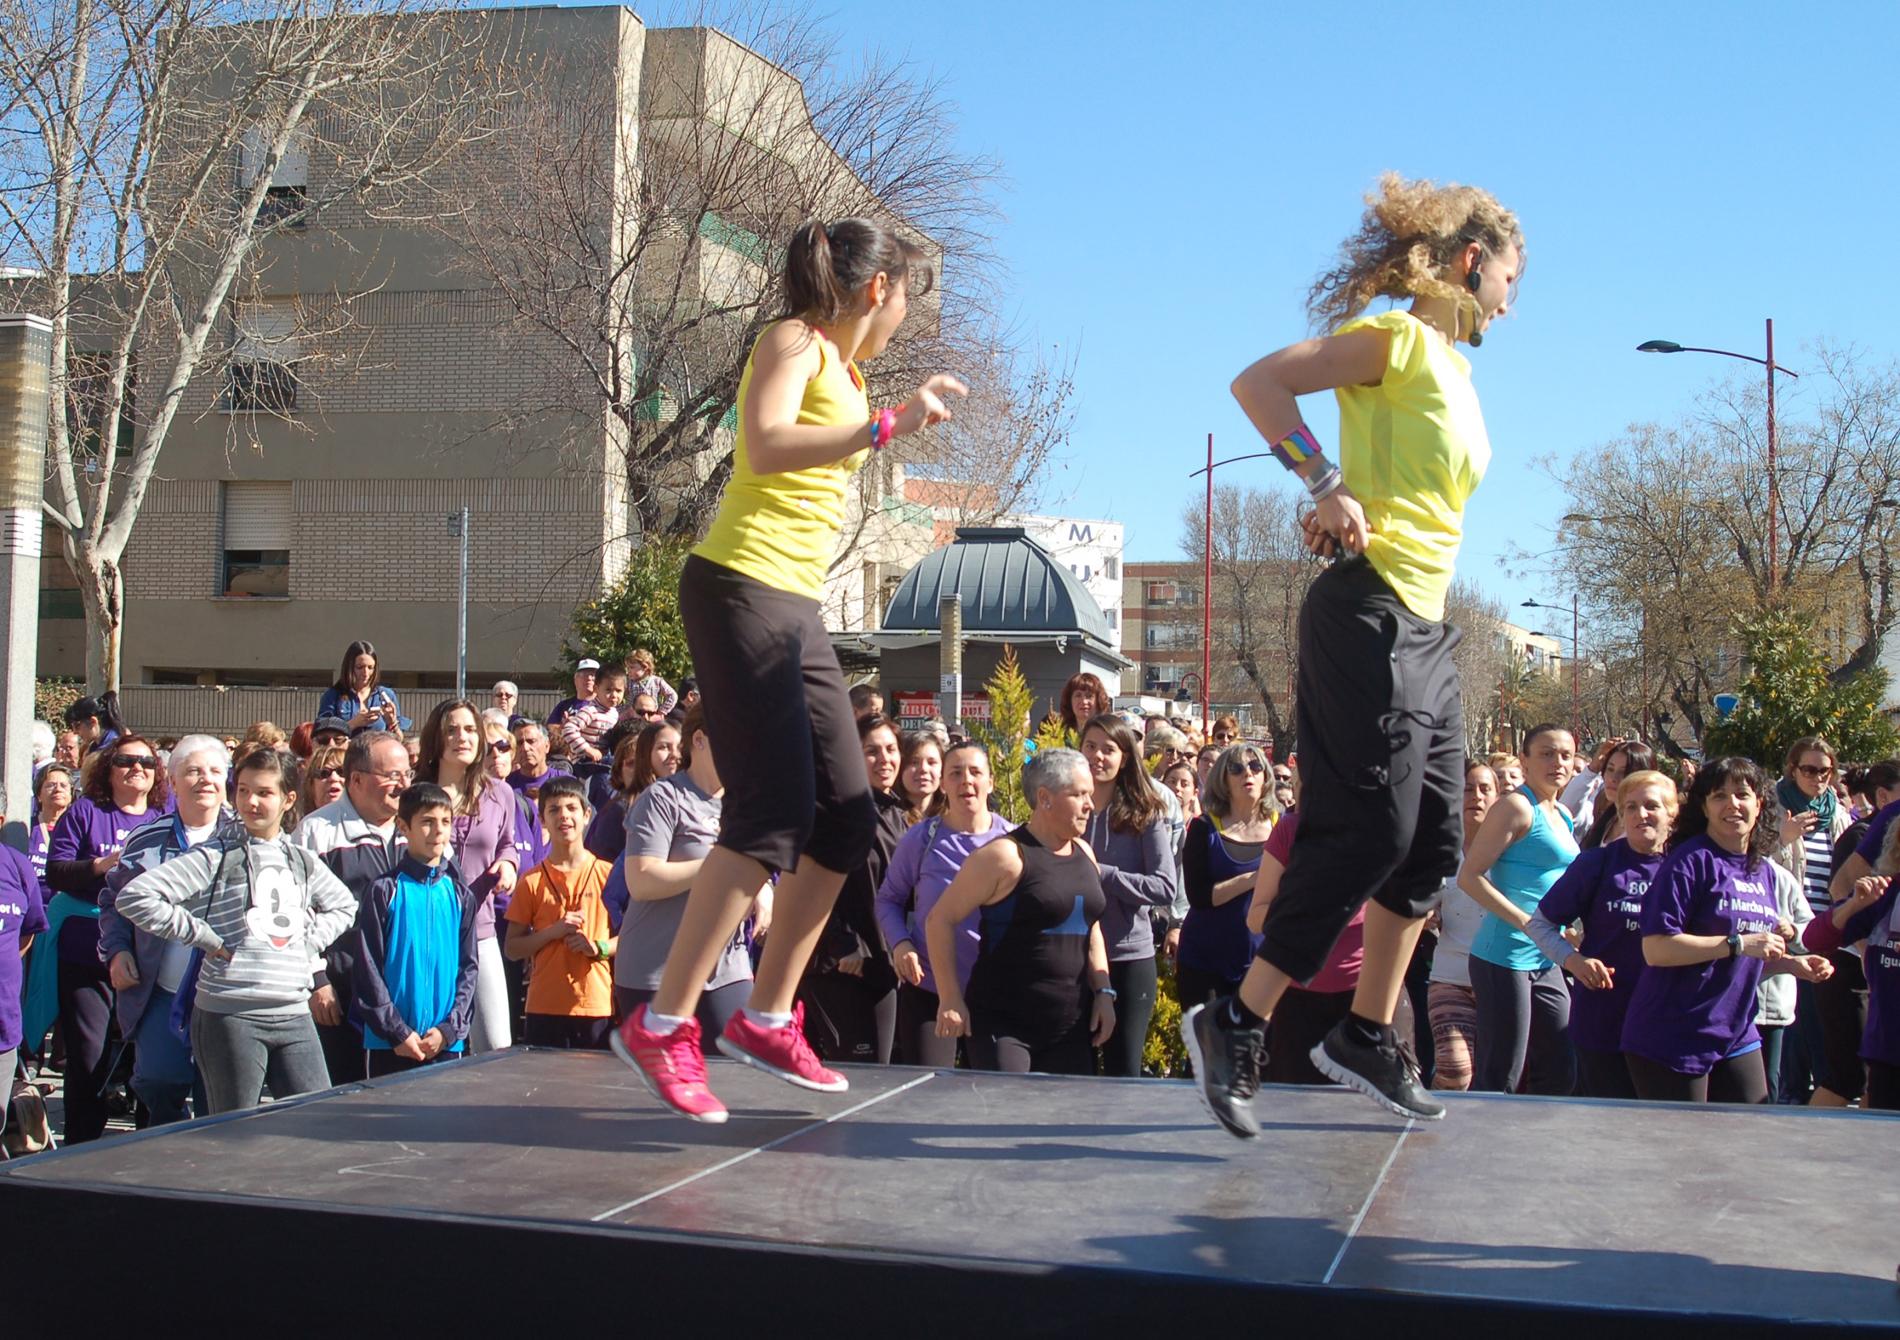 Actividades deportivas complementarias a la I Marcha por la Igualdad